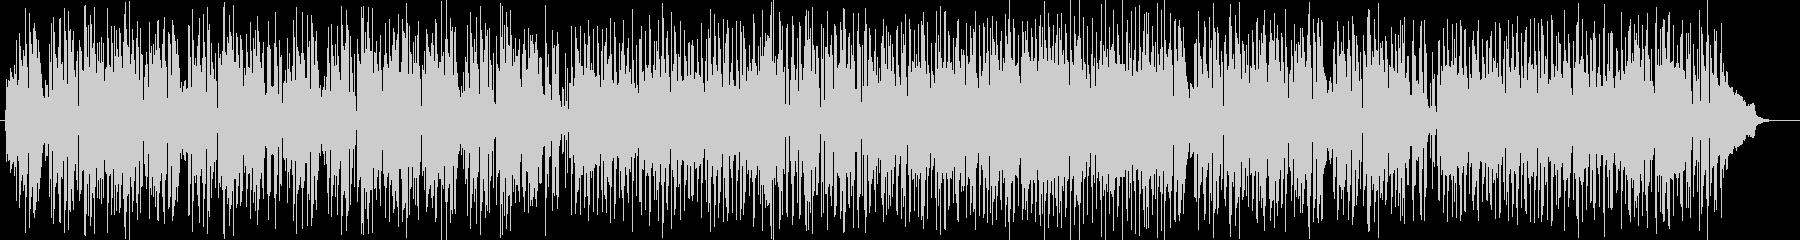 陽気な現代的シンセピアノサウンドの未再生の波形